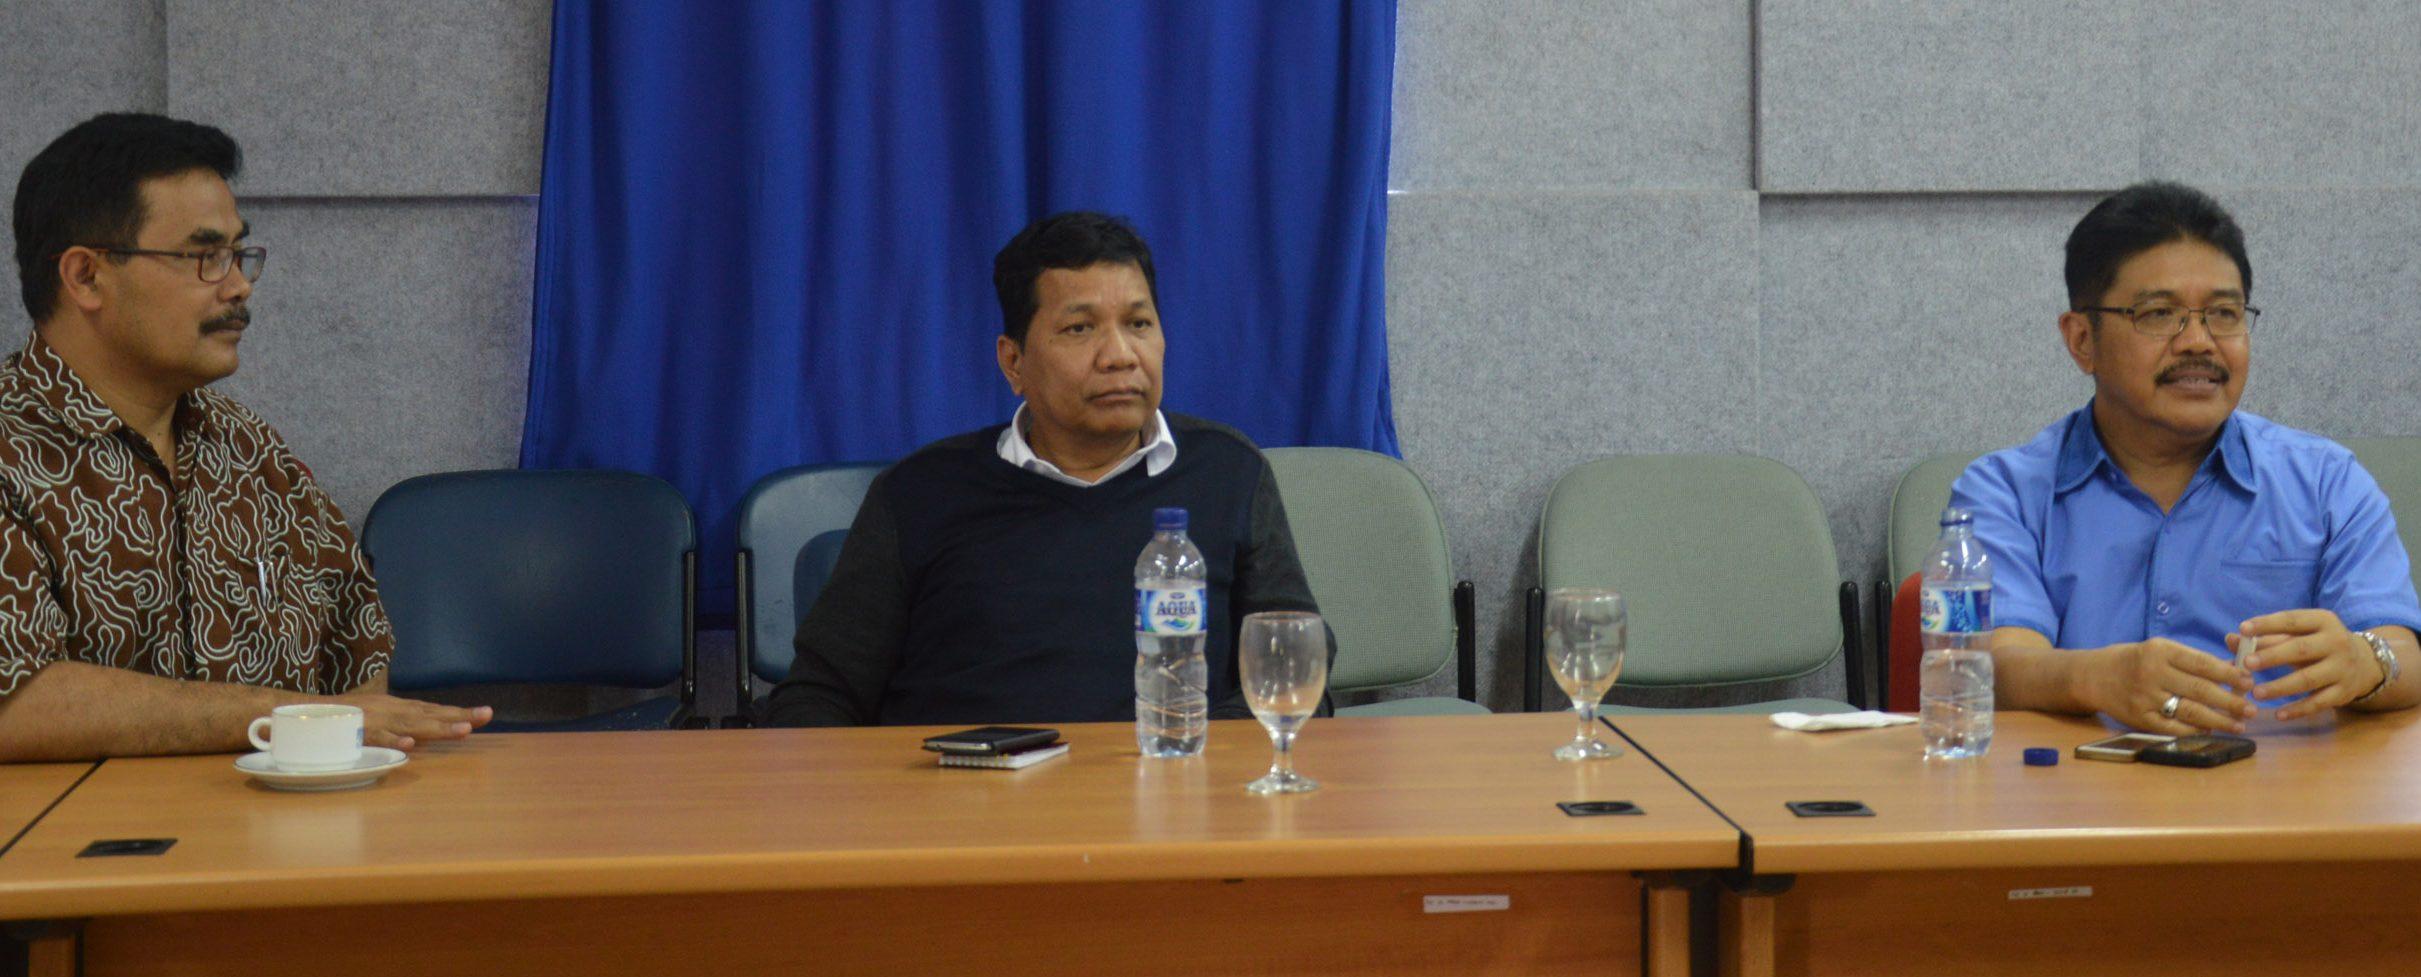 Kunjungan Tim PTPN III ke IT Del